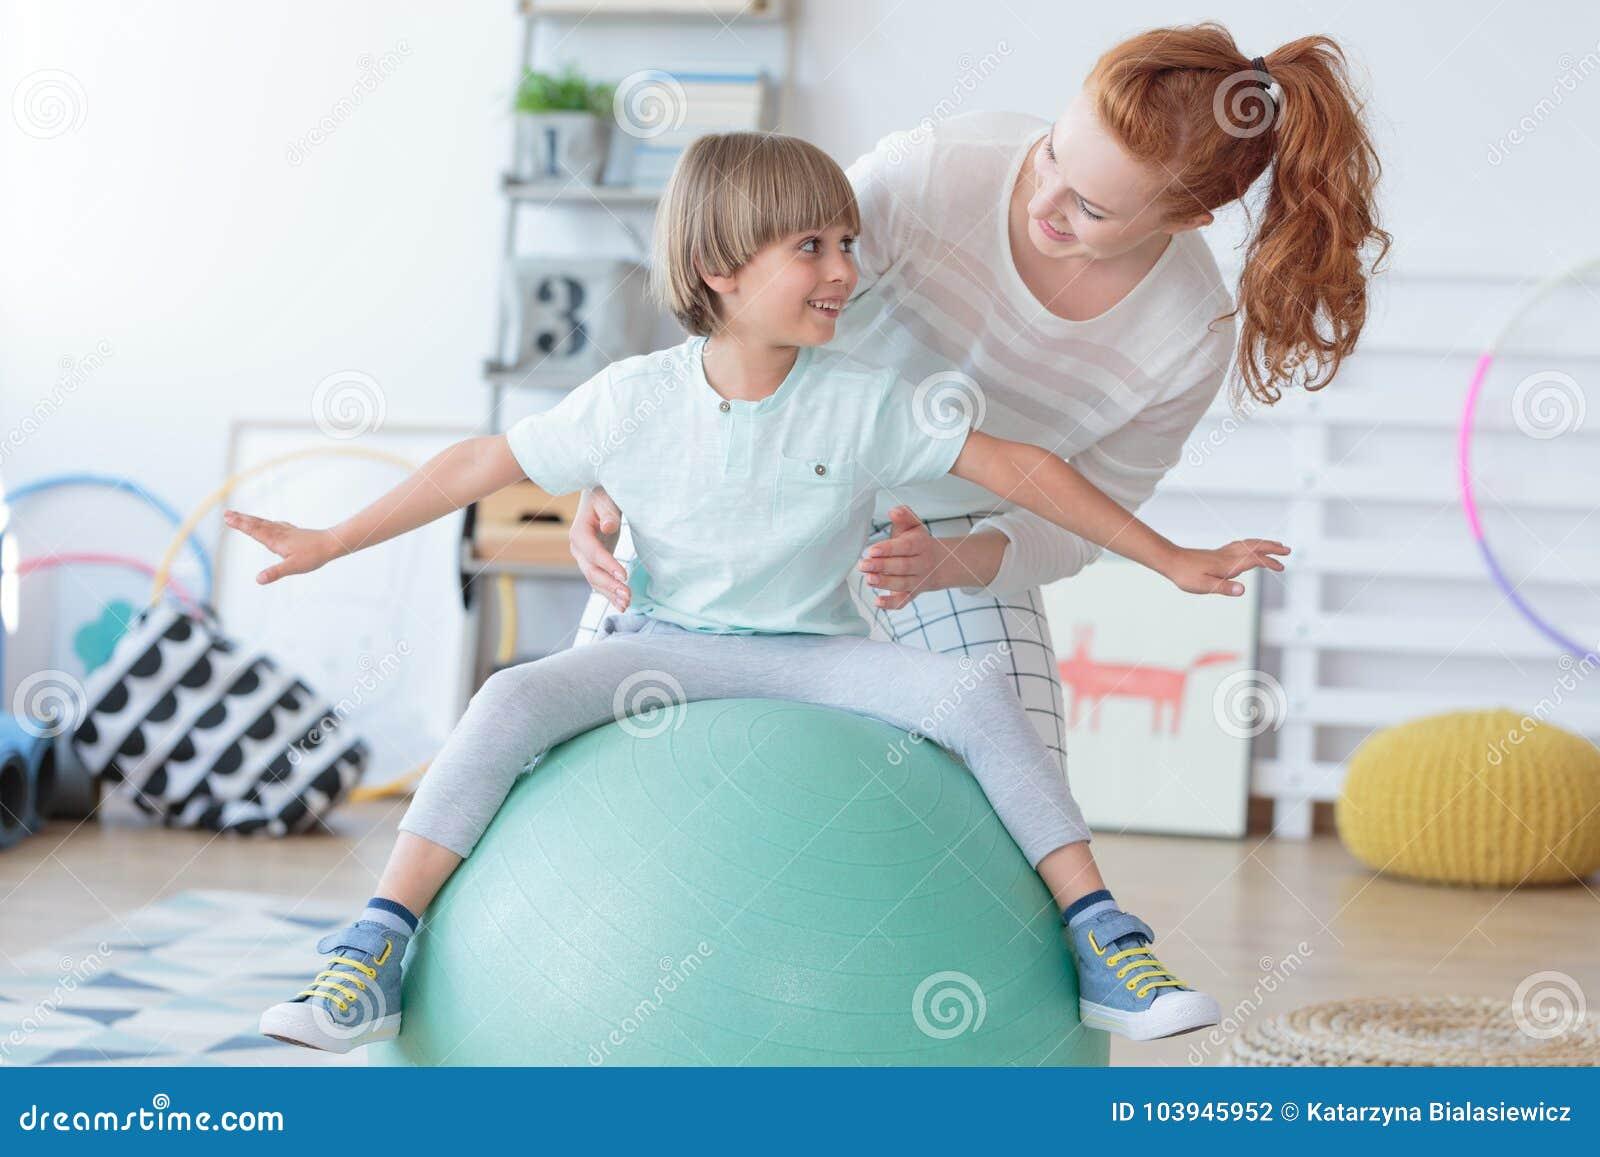 协助小男孩的理疗师